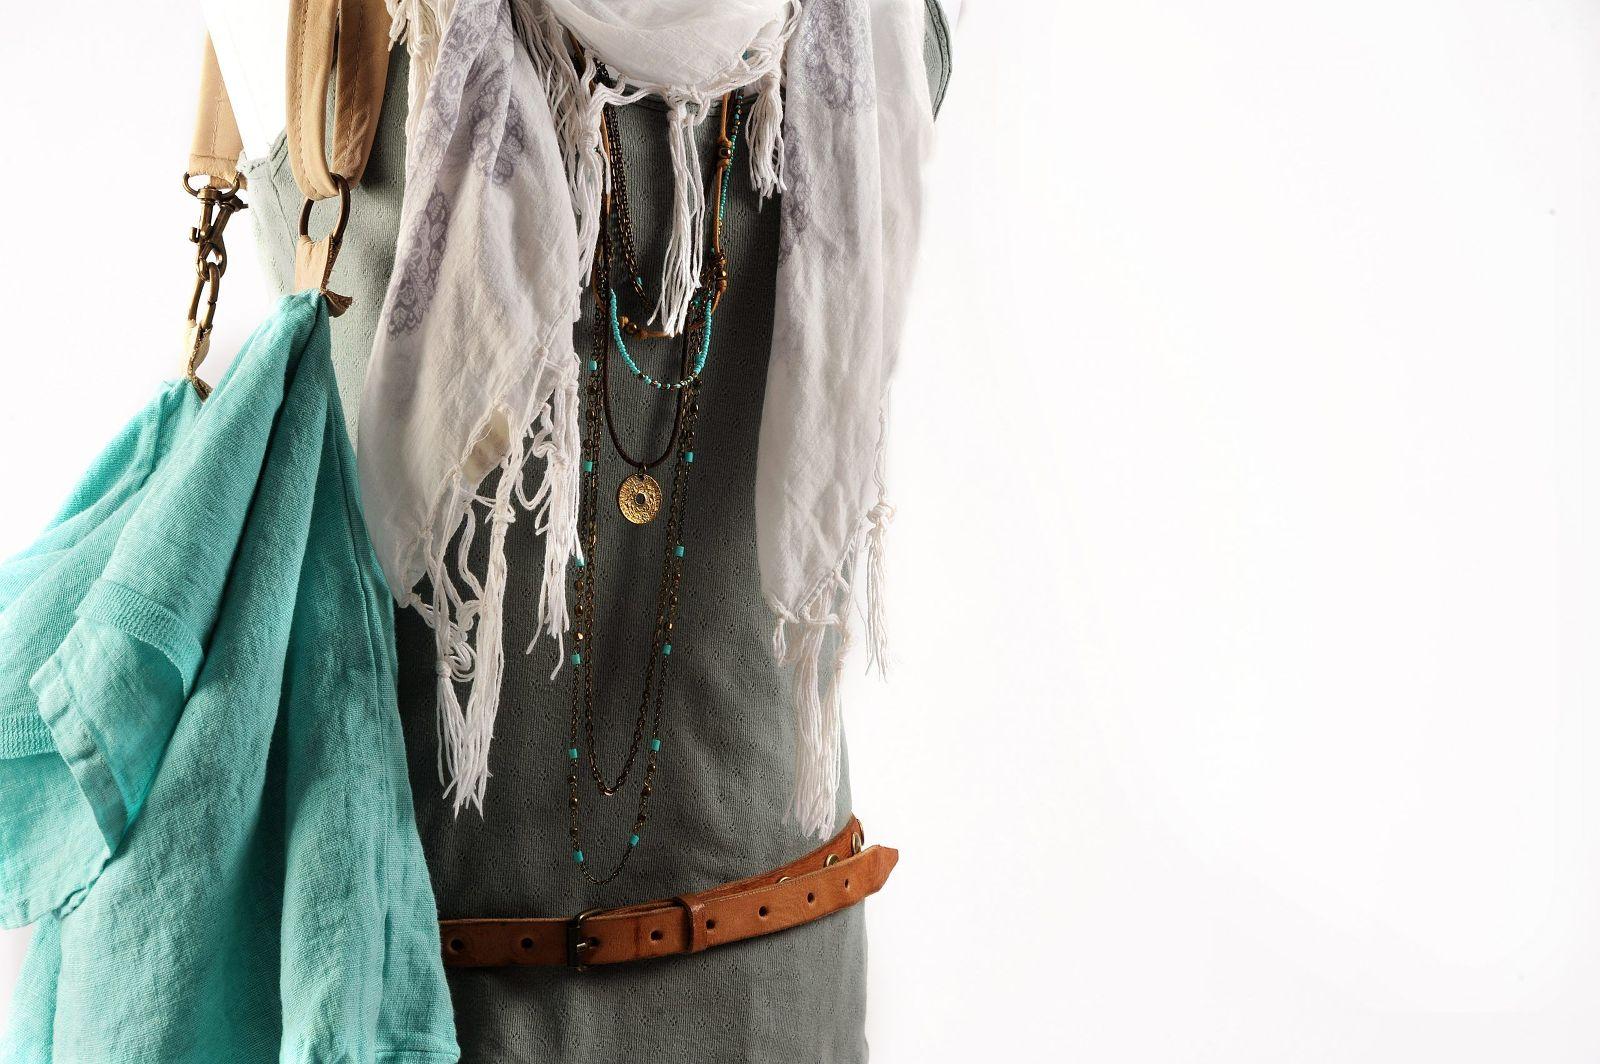 Fotografo-producto-ropa-4